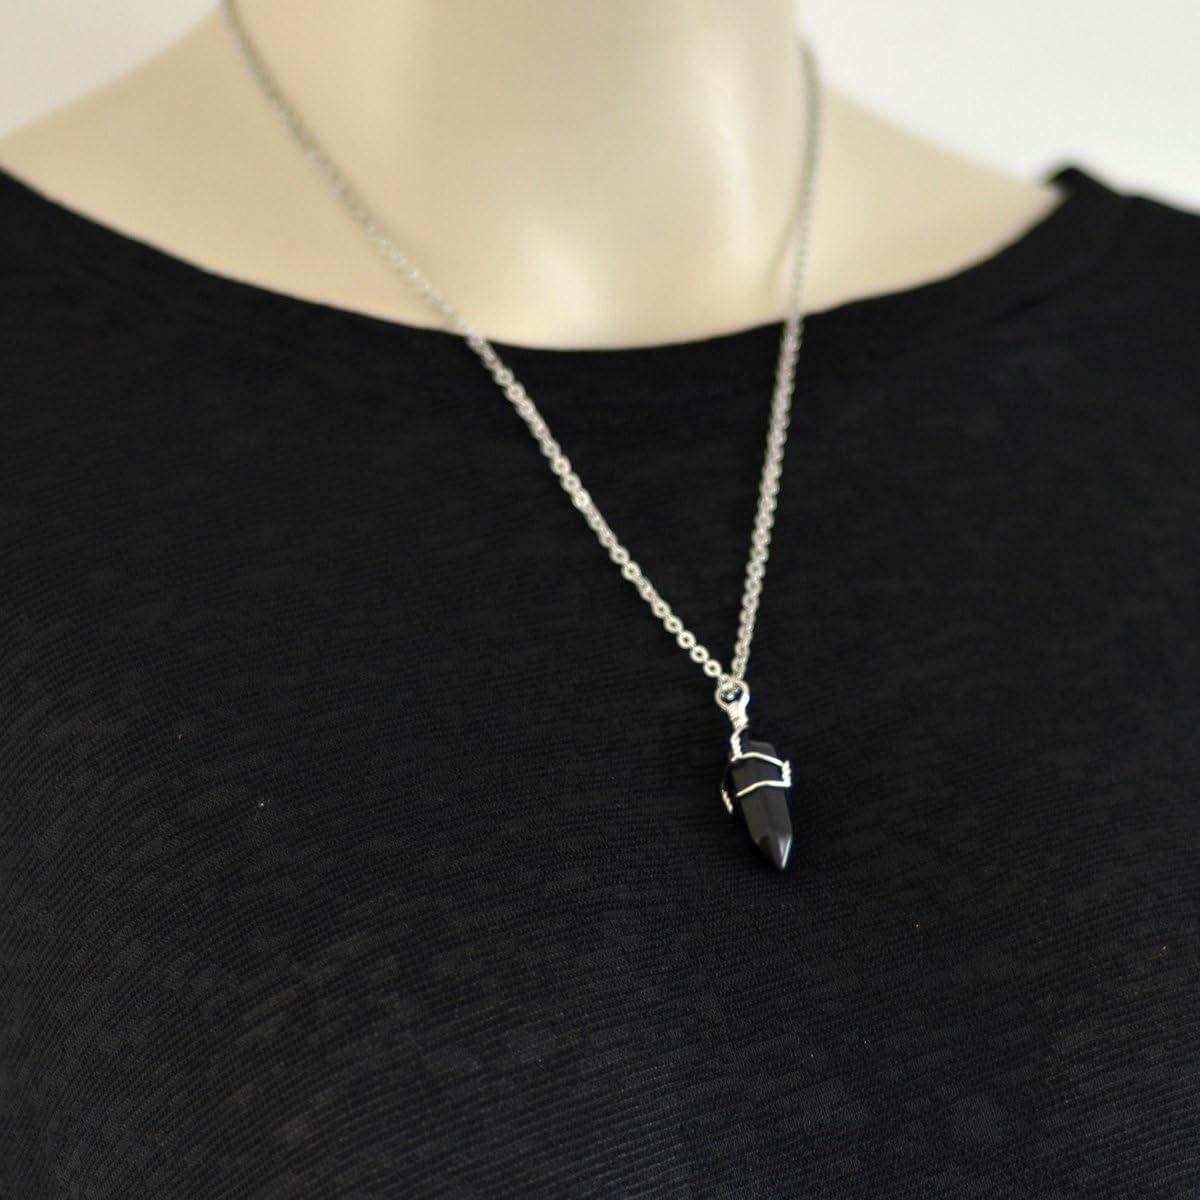 ca Silberne Halskette mit nat/ürlichem Kristall mit heilender Wirkung f/ür das Chakra 45,7/cm